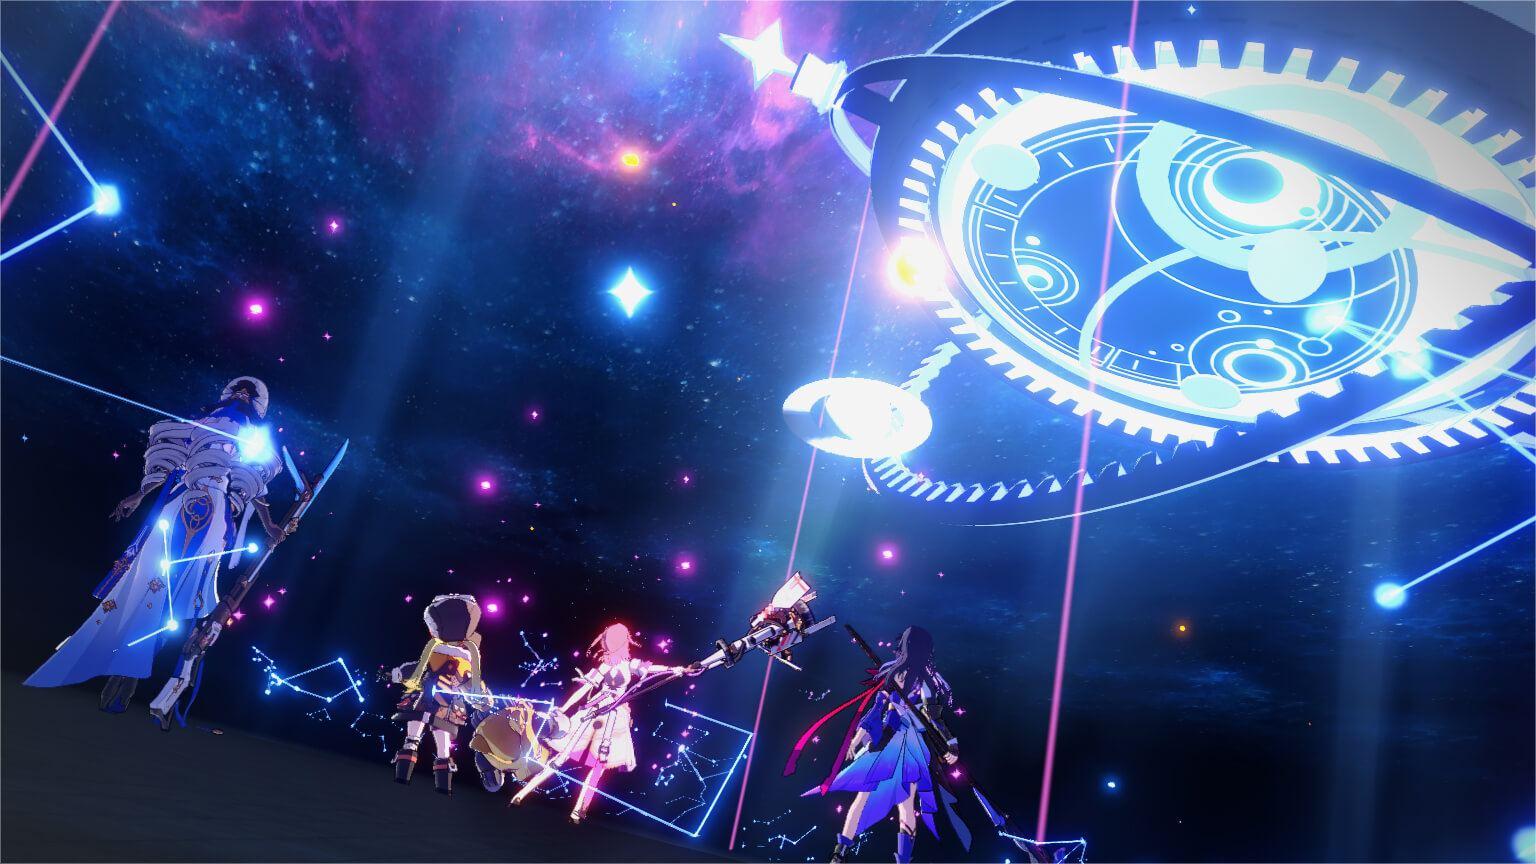 Honkai: Star Rail, tựa game mới toanh đến từ nhà sản xuất Genshin Impact